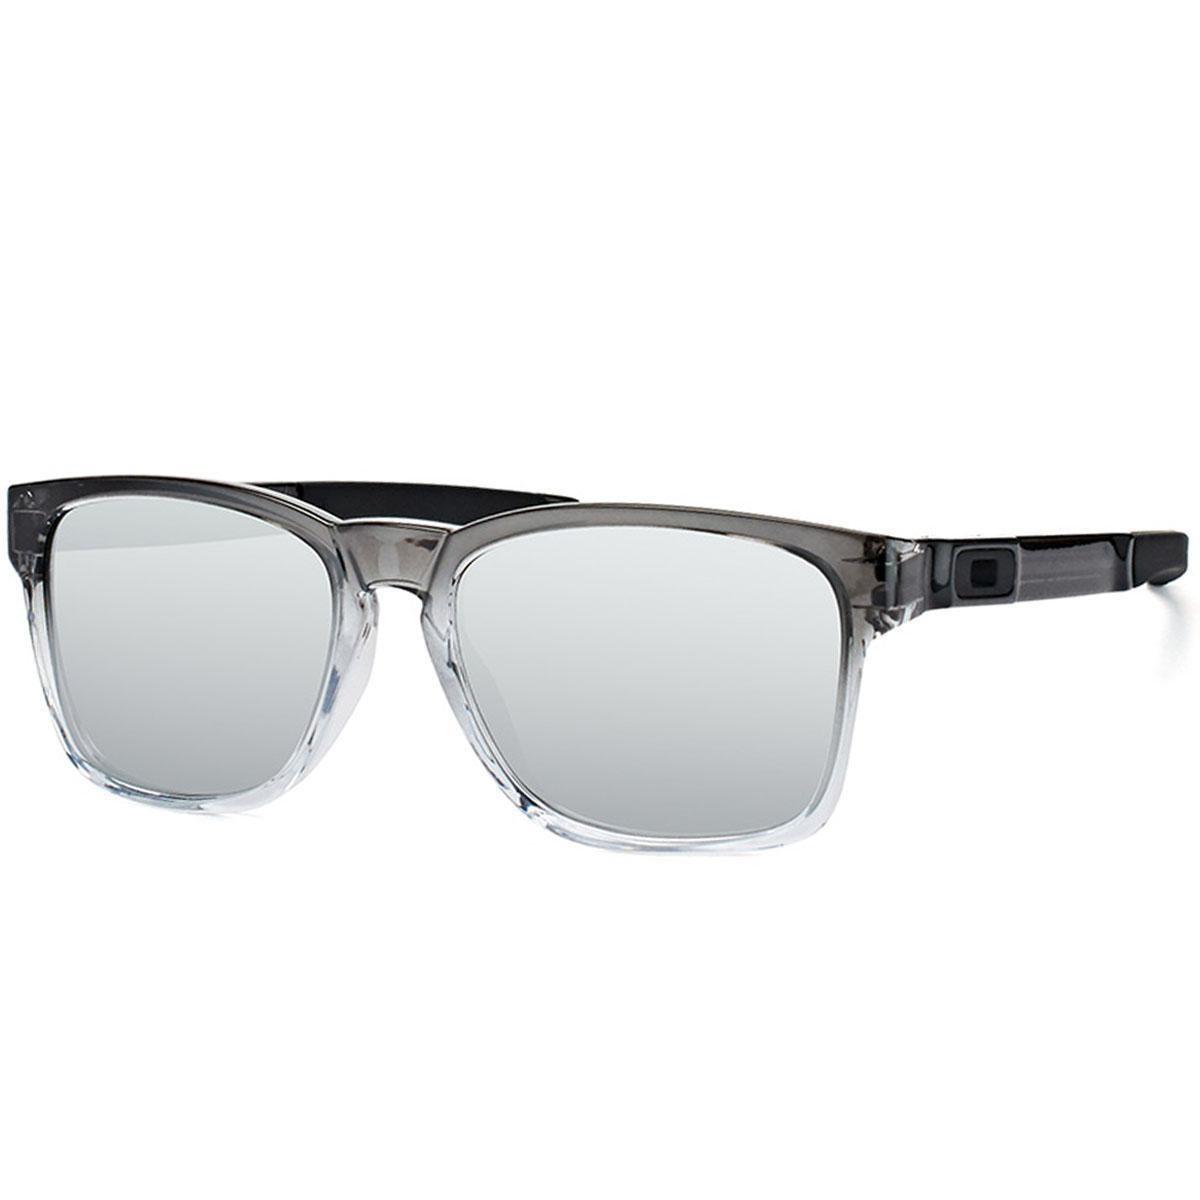 3eea902a78a16 Óculos Catalyst Dark Ink Fade W  Chrome Iridium - Compre Agora ...